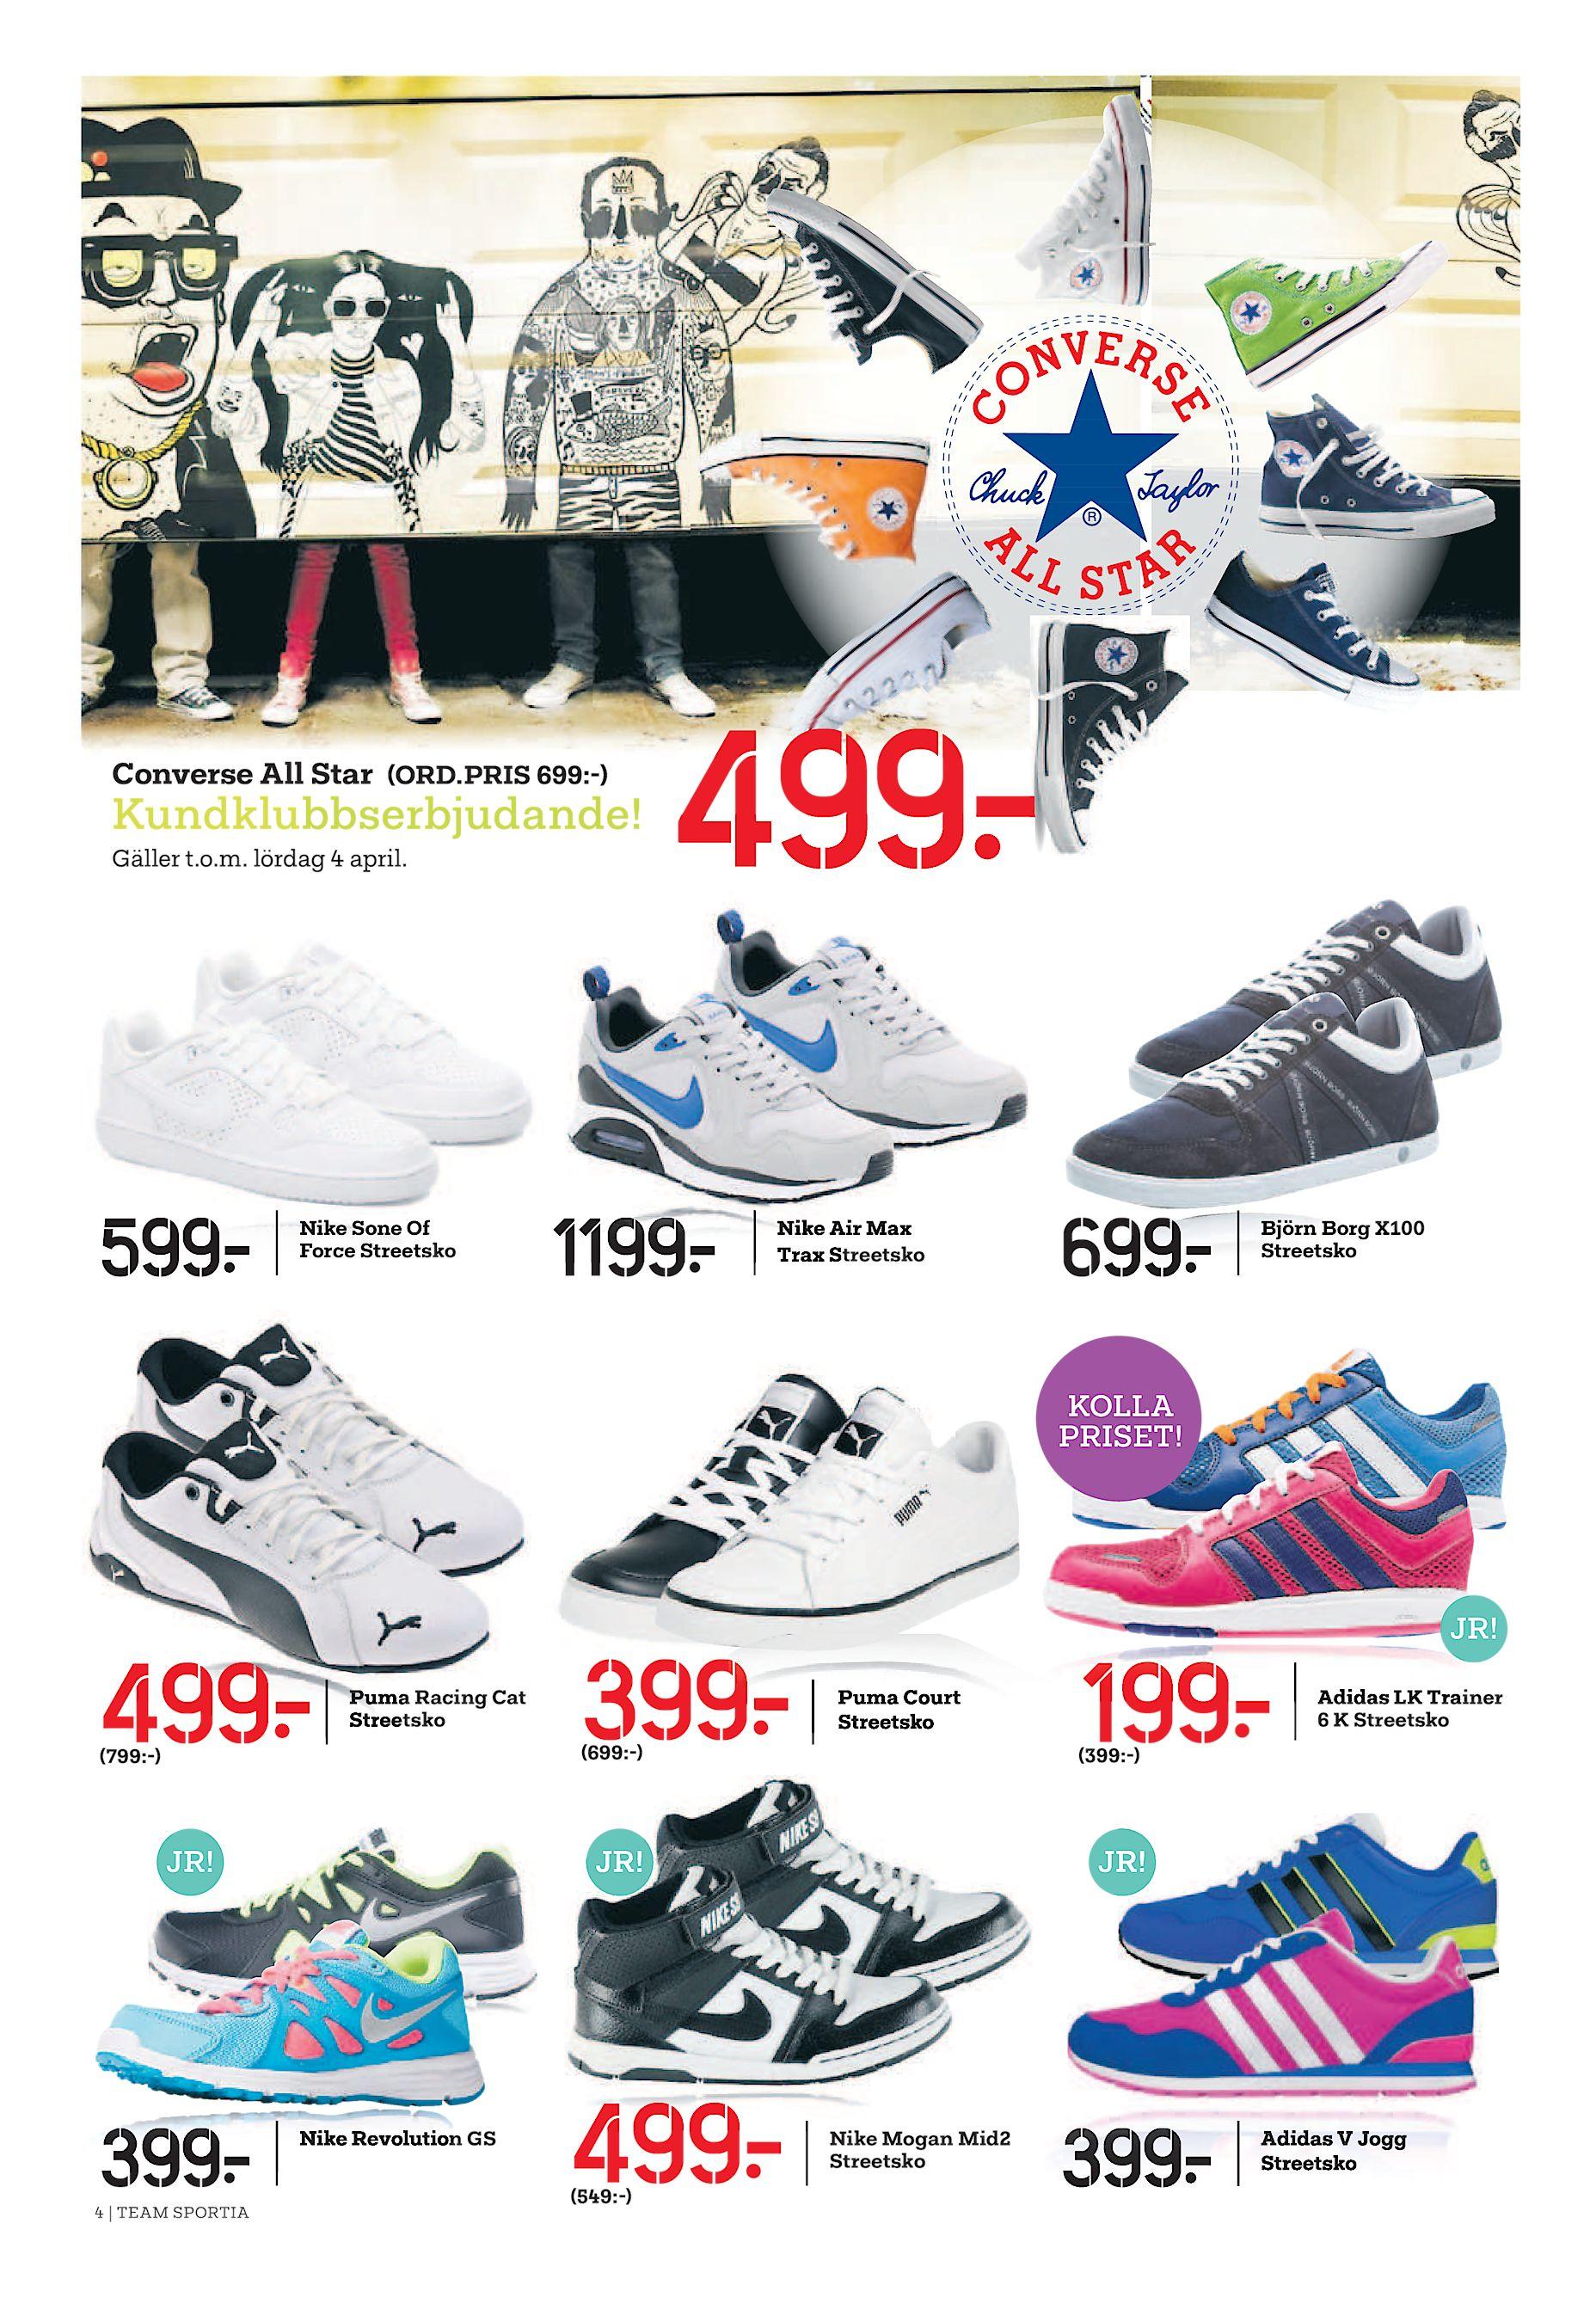 competitive price c101f 1c040 599  Nike Sone Of Force Streetsko 499  1199  Nike Air Max Trax Streetsko  699  Björn Borg X100 Streetsko KOLLA PRISET! JR!